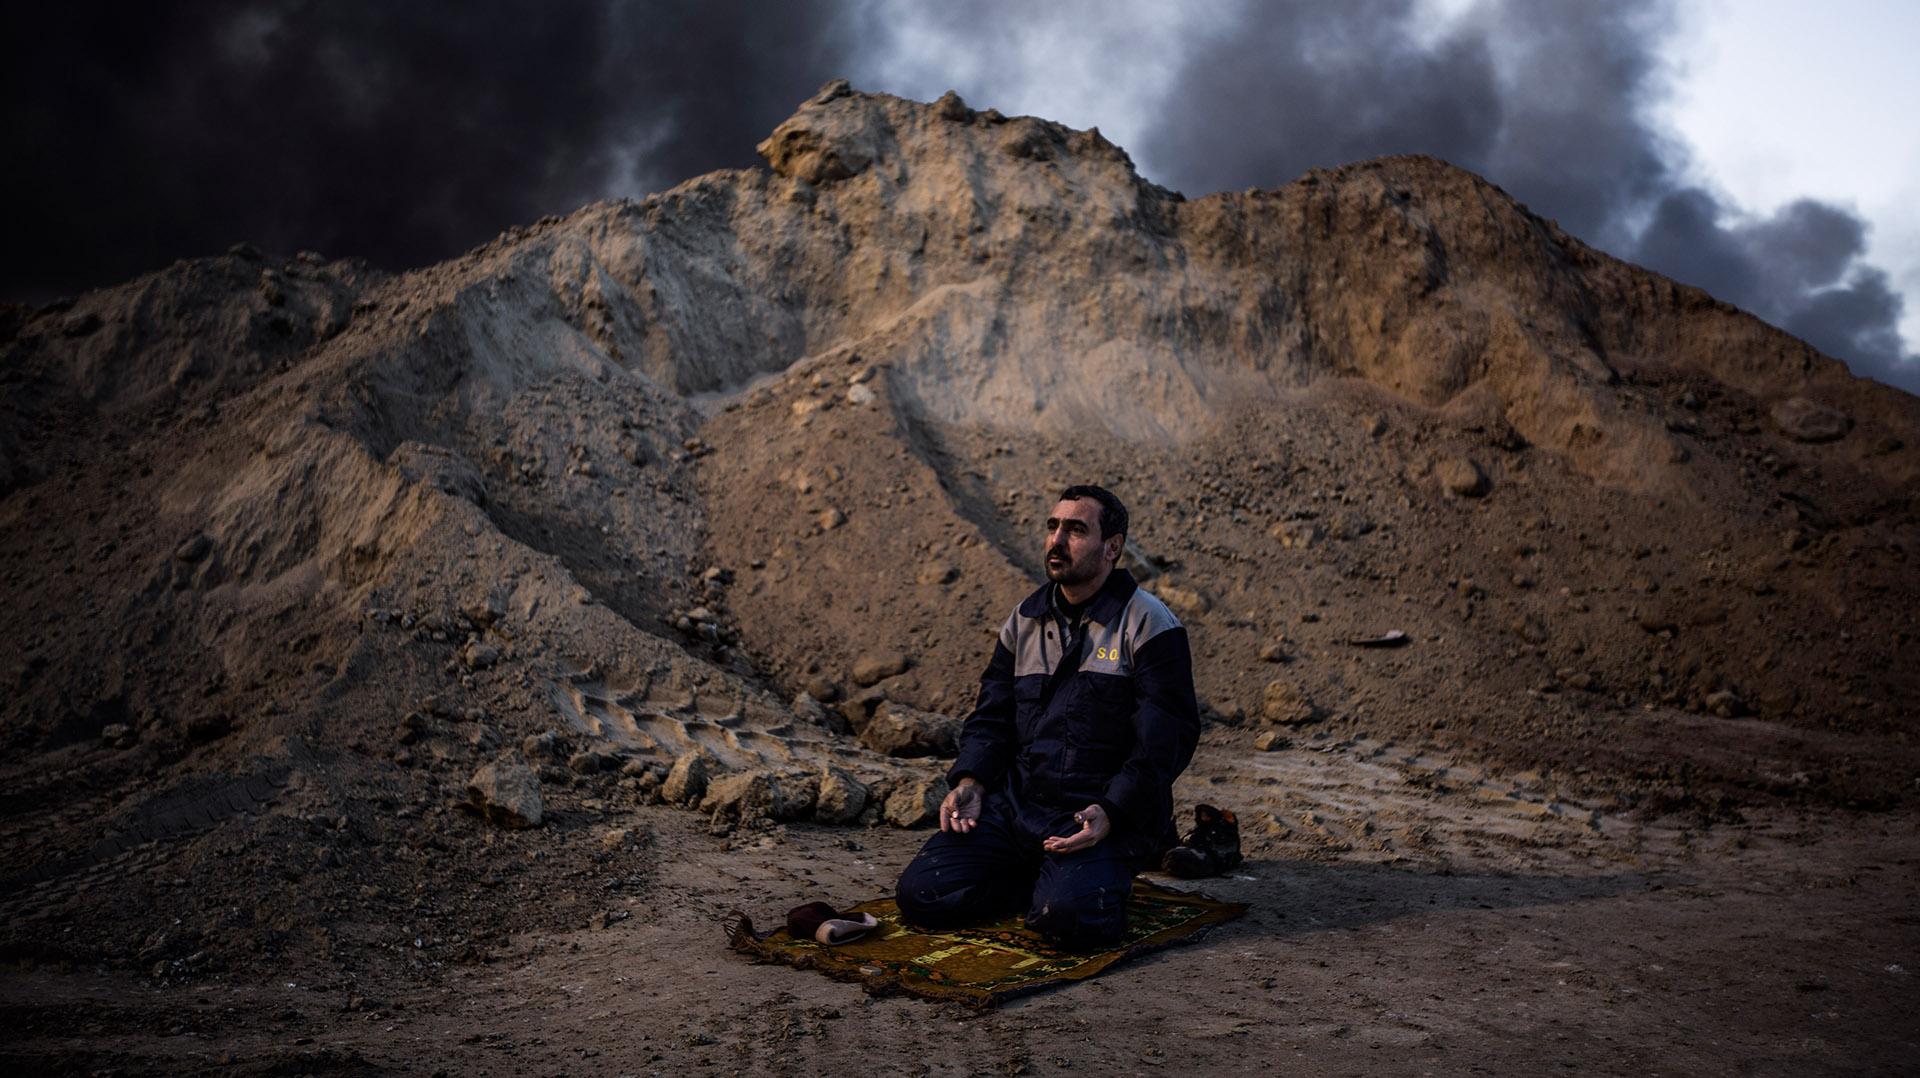 """Mohamed, miembro del cuerpo de bomberos iraquí, reza frente al ardiente pozo de """"El Hoyo"""" antes de enfundarse el traje de protección y comenzar su turno para intentar apagarlo (Pablo Cobos)"""